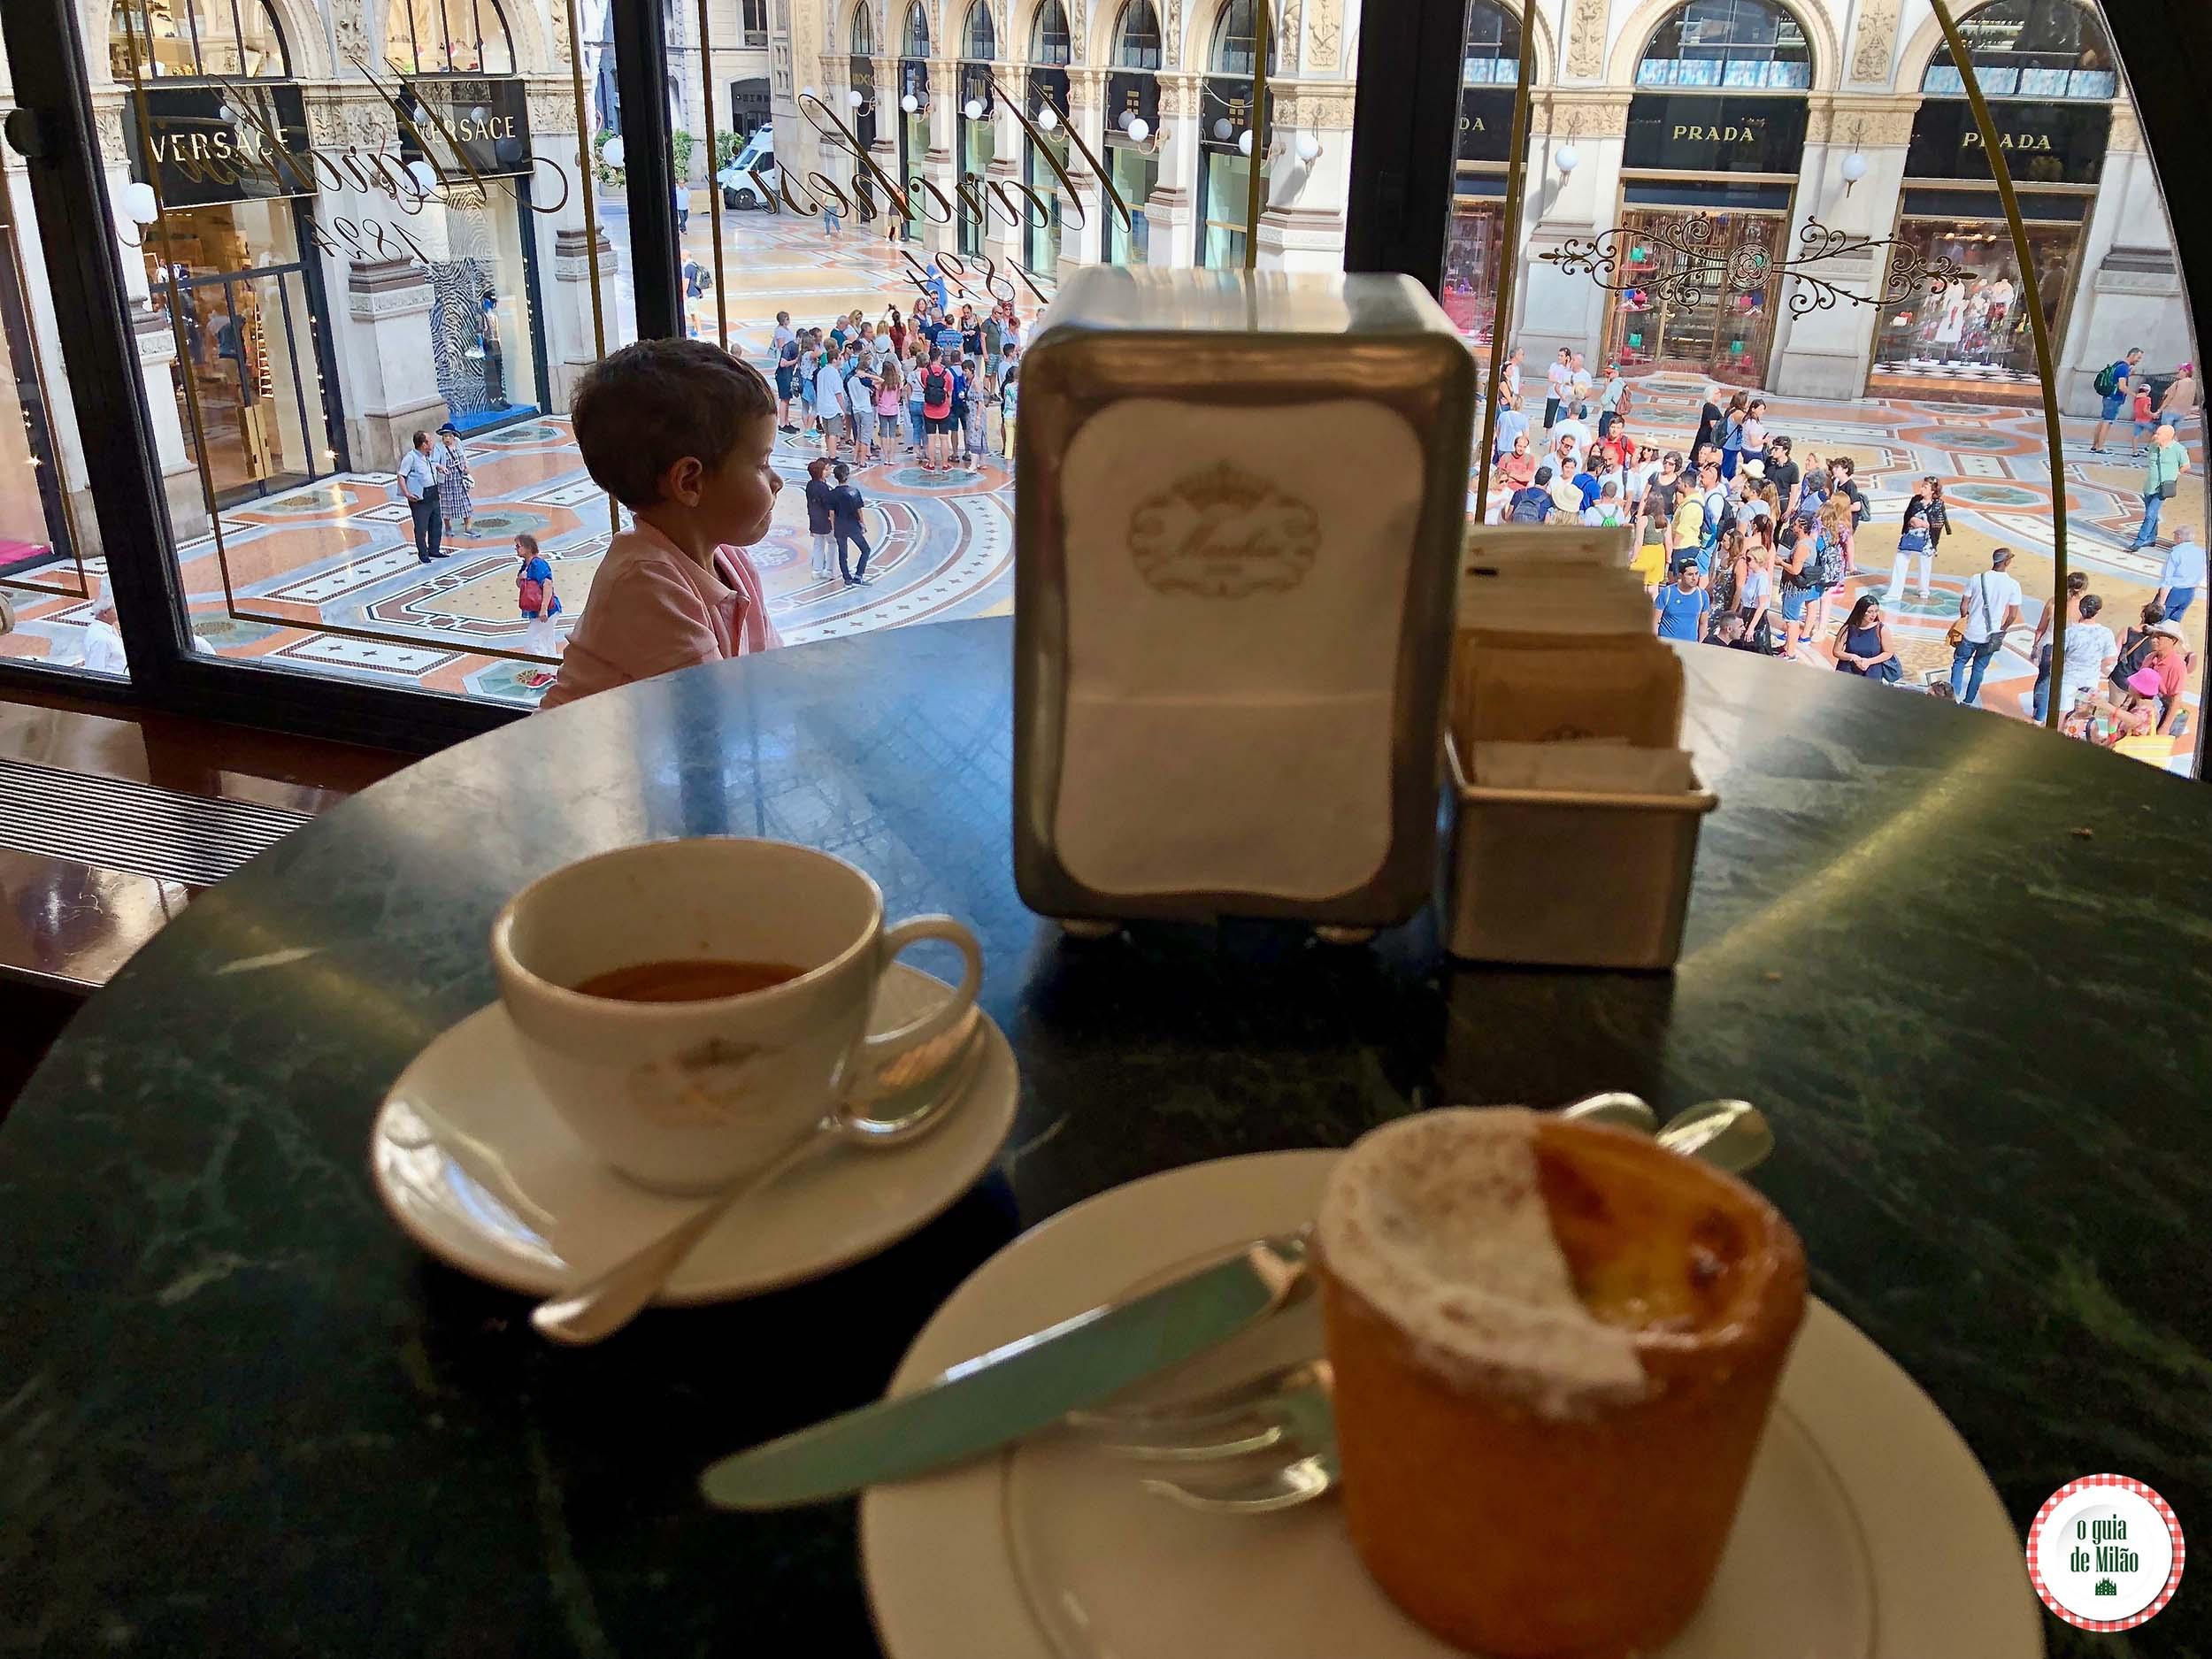 Café com vista para a galeria Vittorio Emanuele em Milão